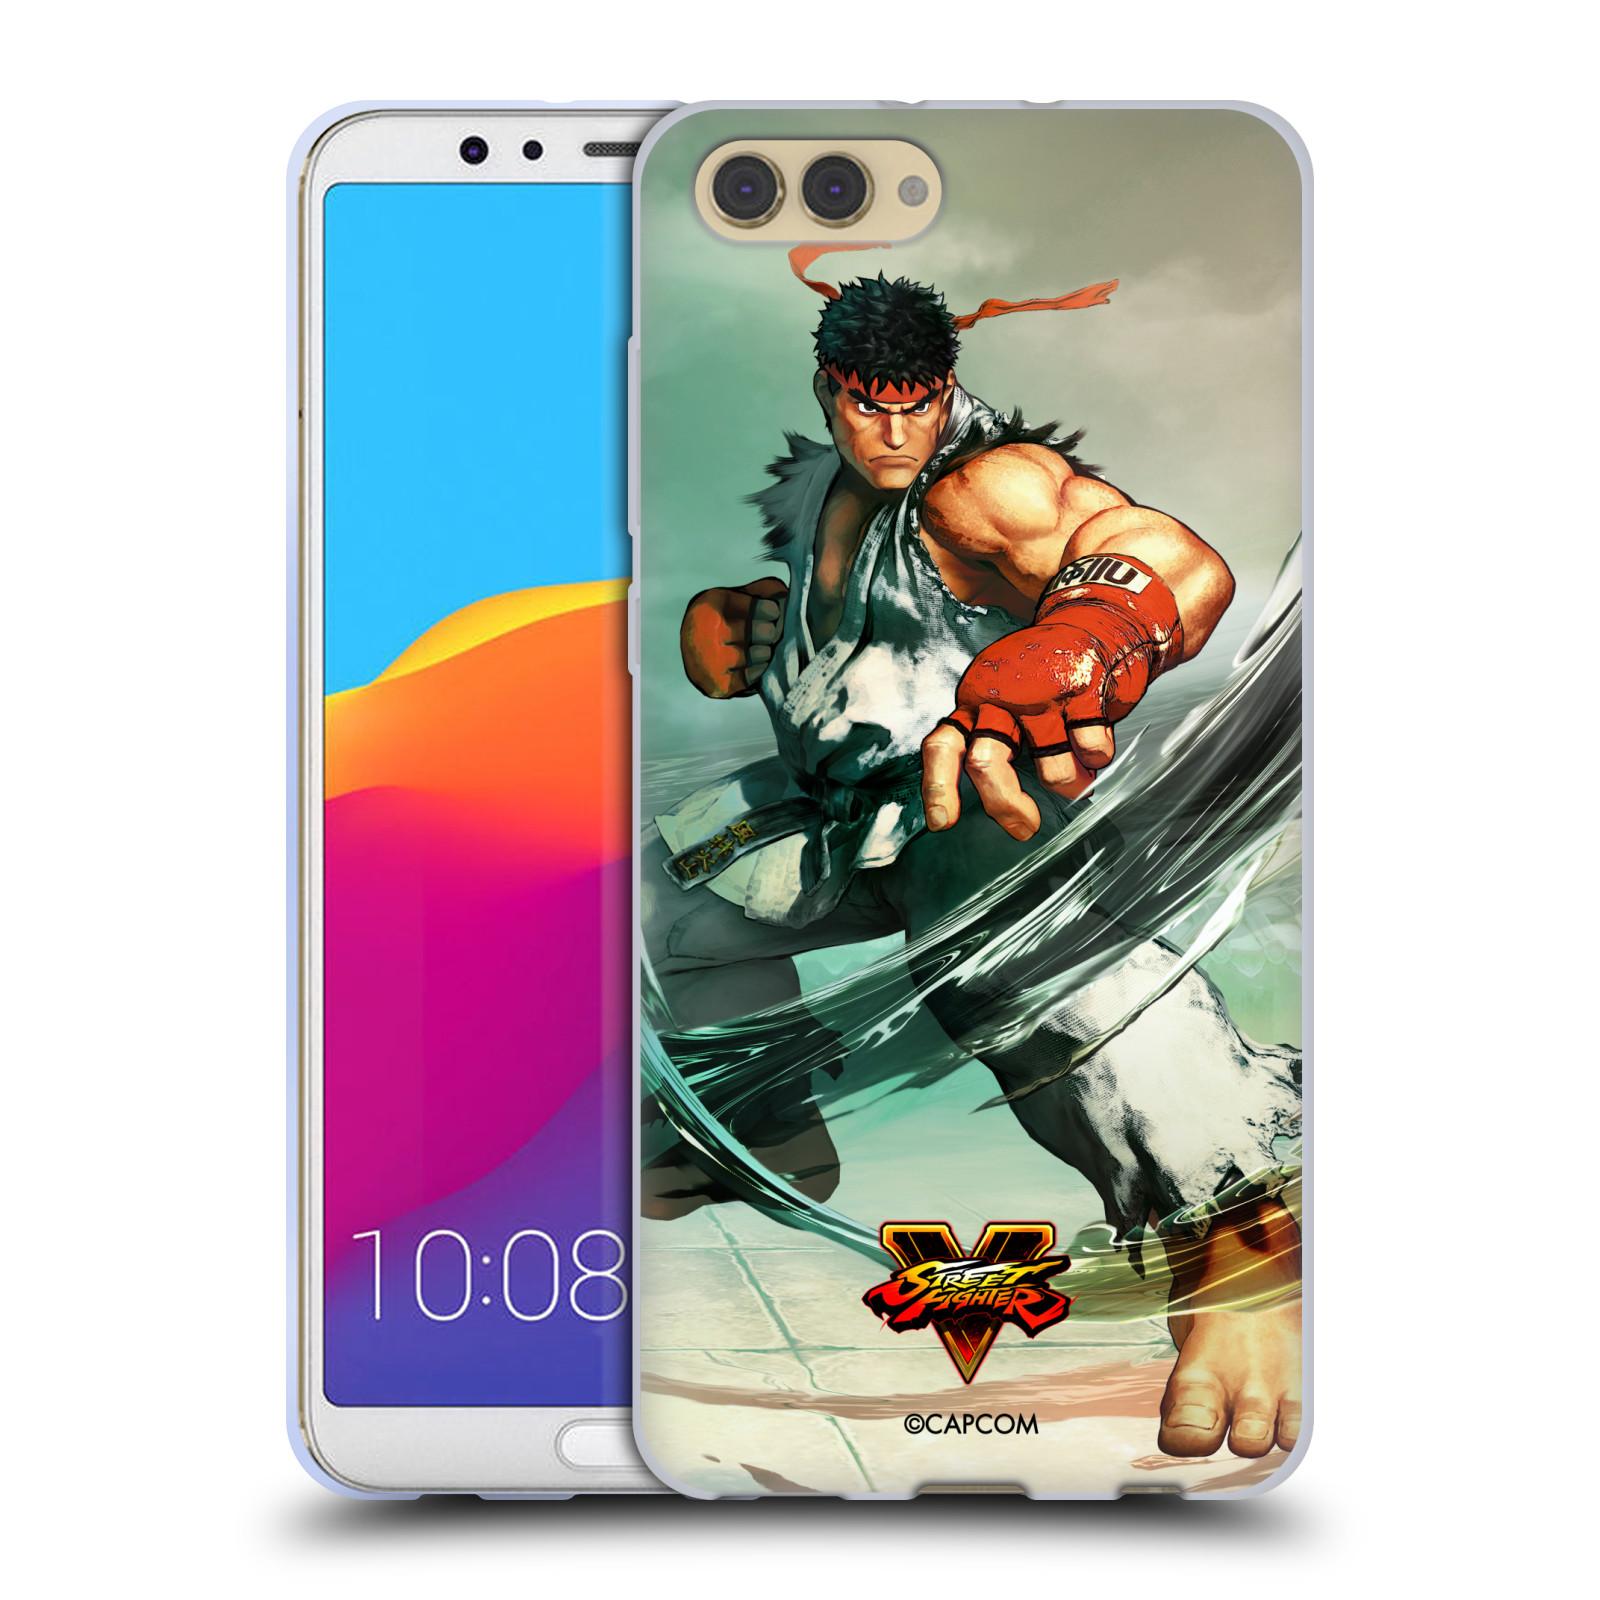 HEAD CASE silikonový obal na mobil Huawei HONOR VIEW 10 / V10 oficiální kryt STREET FIGHTER pouliční bojovník RYU